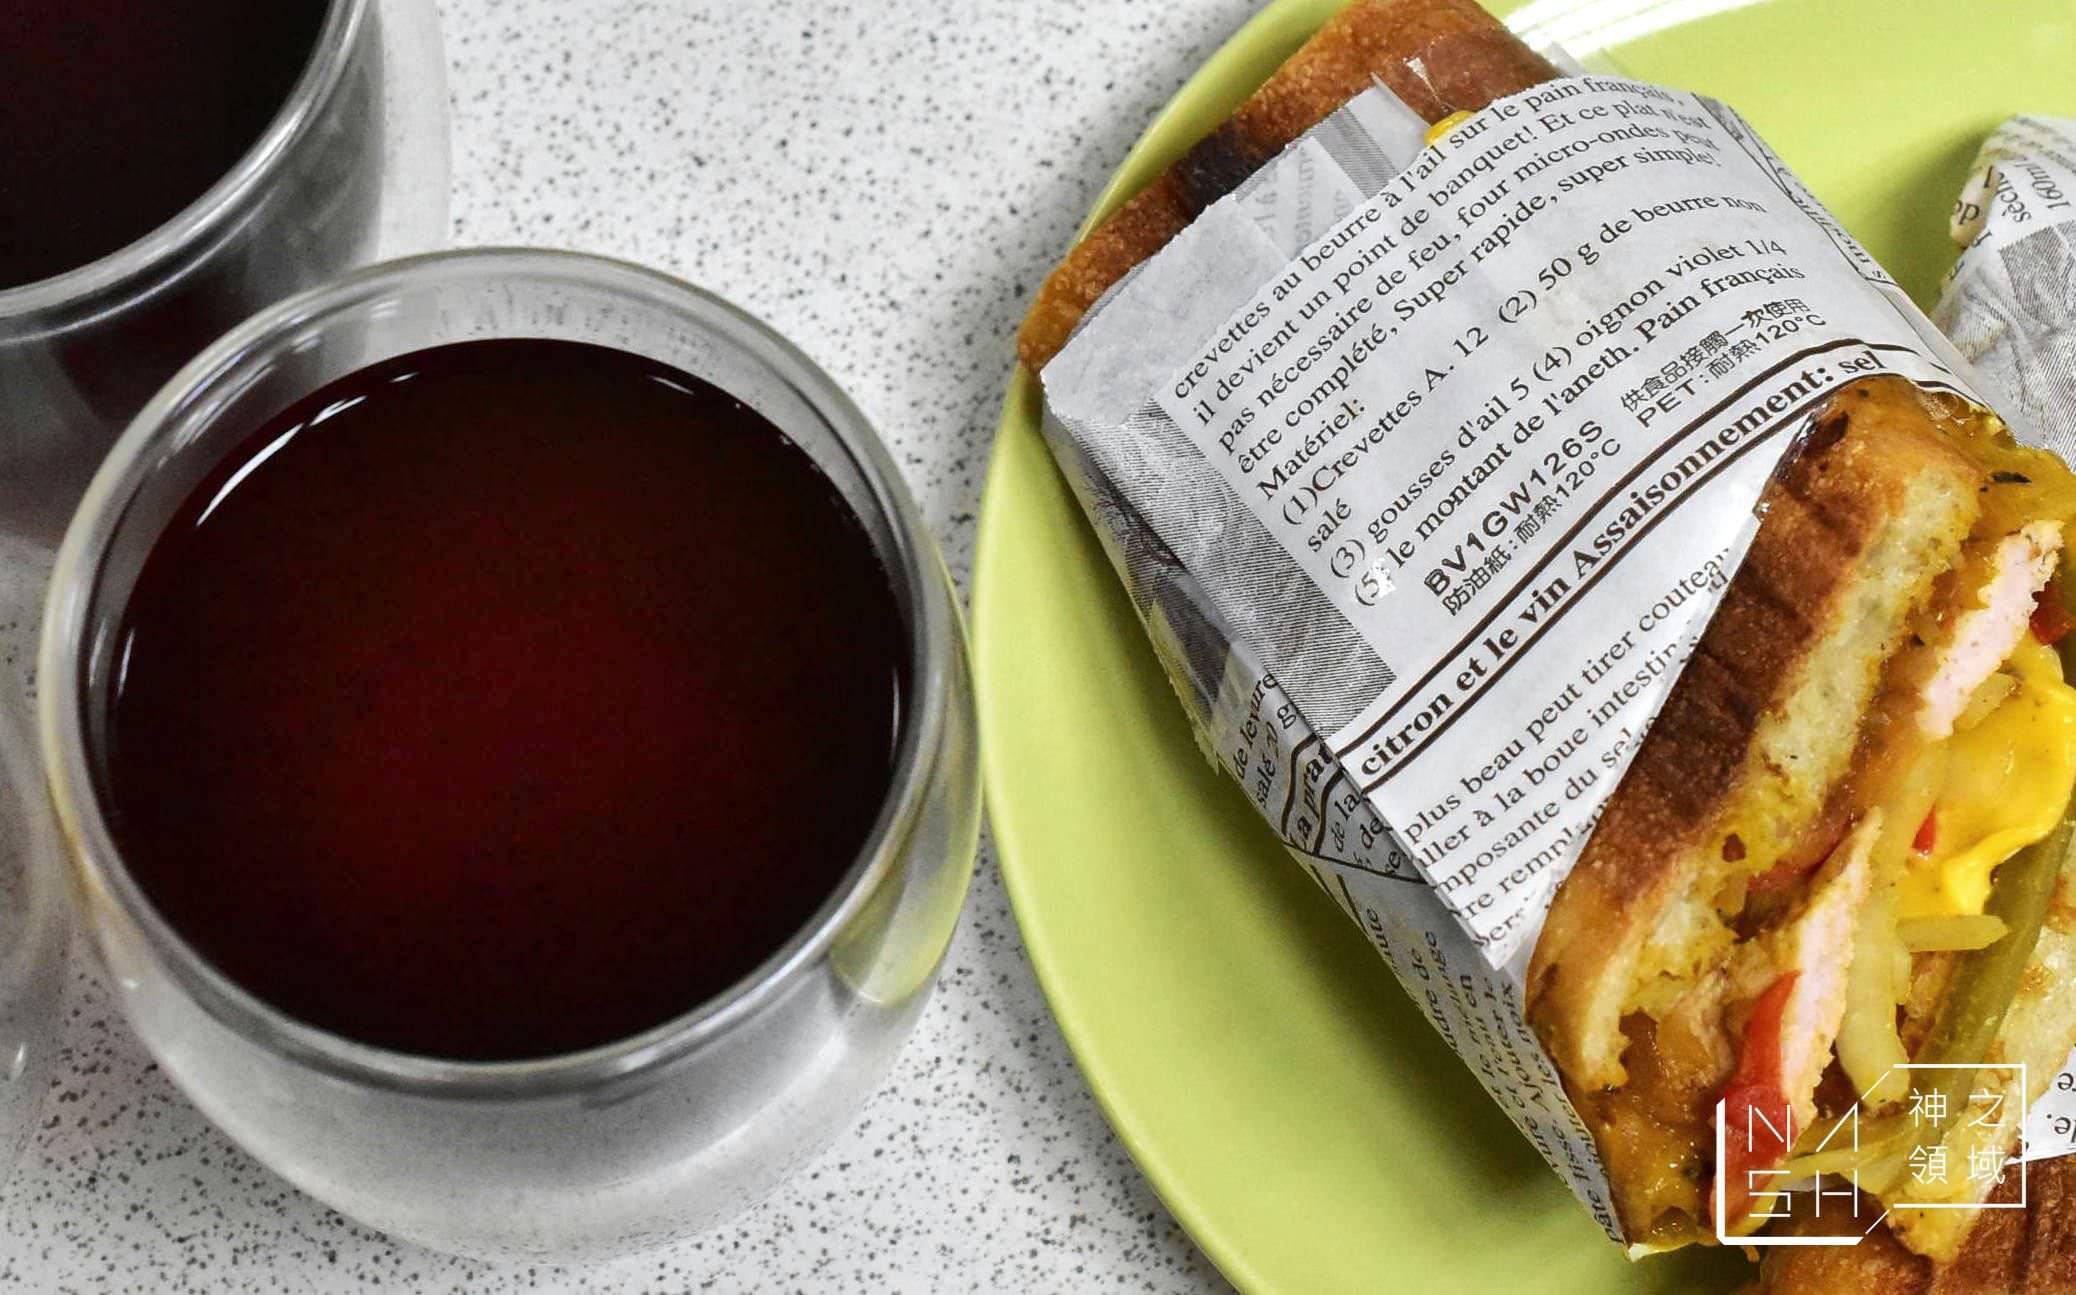 雪福早午餐